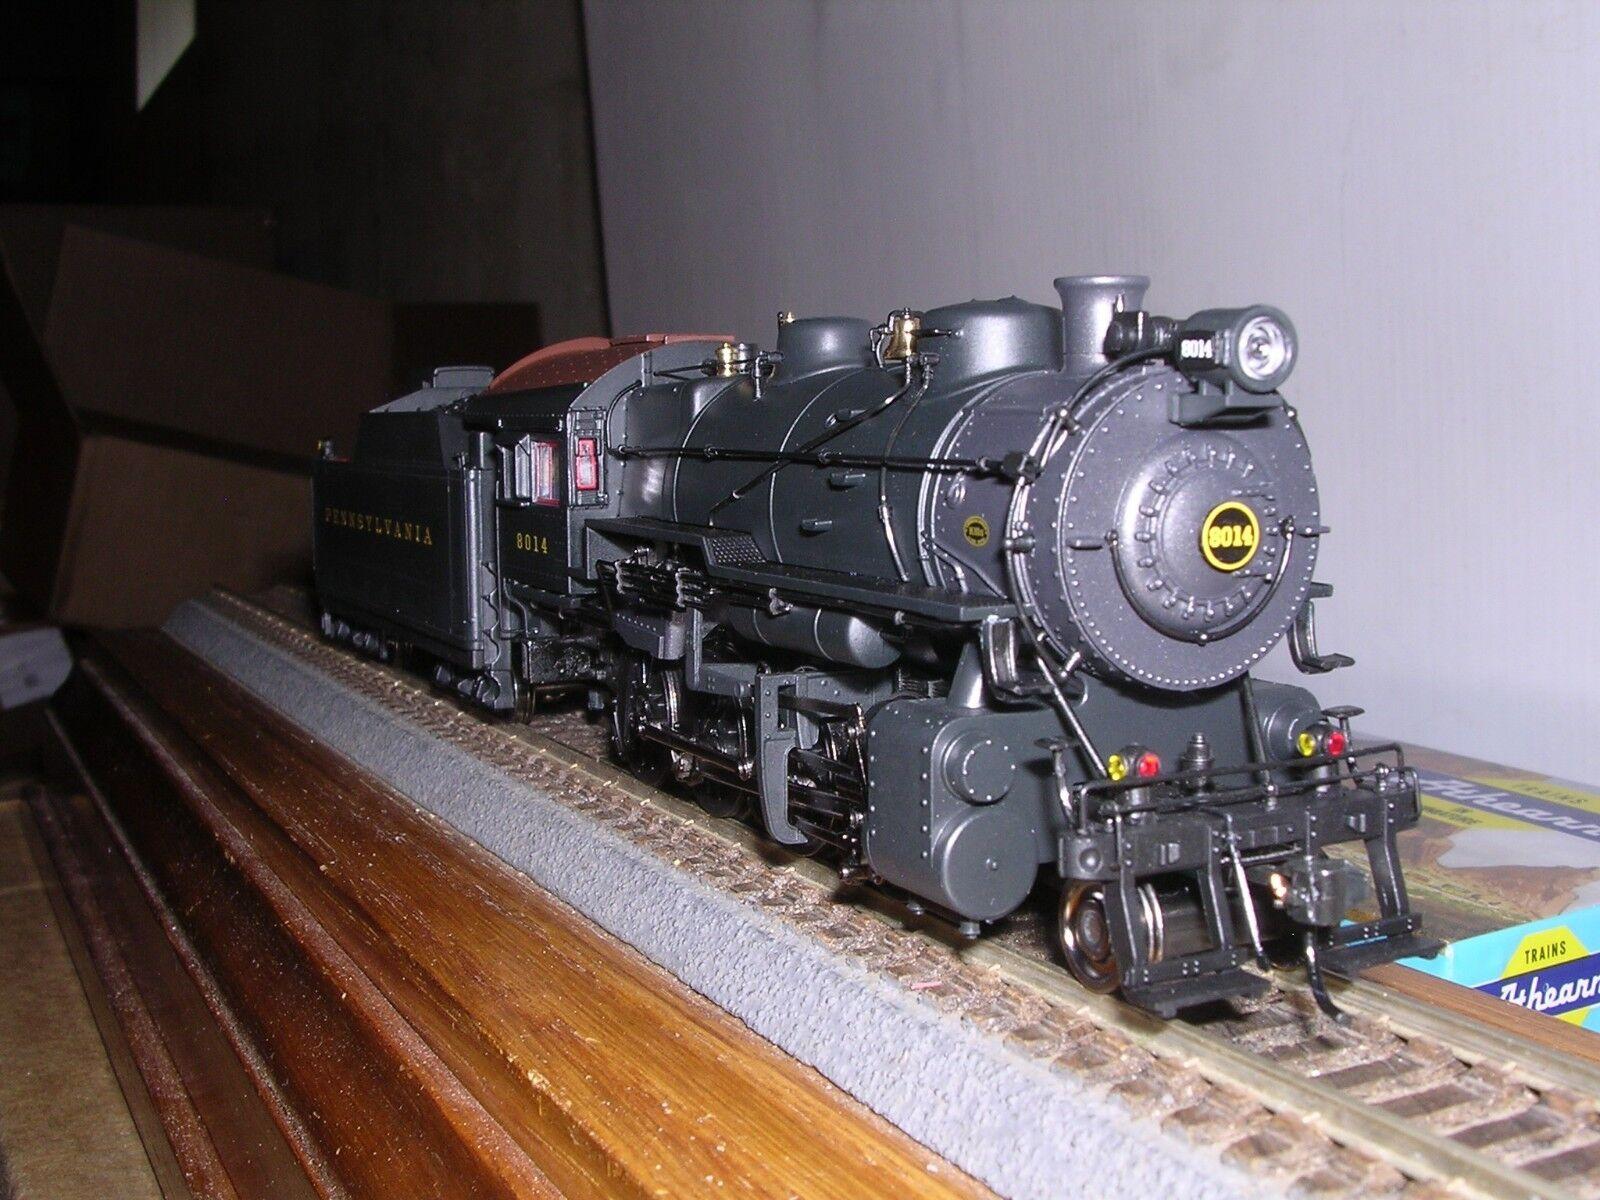 B.l.i. licitación para una máquina de vapor 3523 3523 3523 l.i.r.r.h-10s 2 - 8 - 0 35, 23, 110 W   90f82 con DCC y sonido 3ed